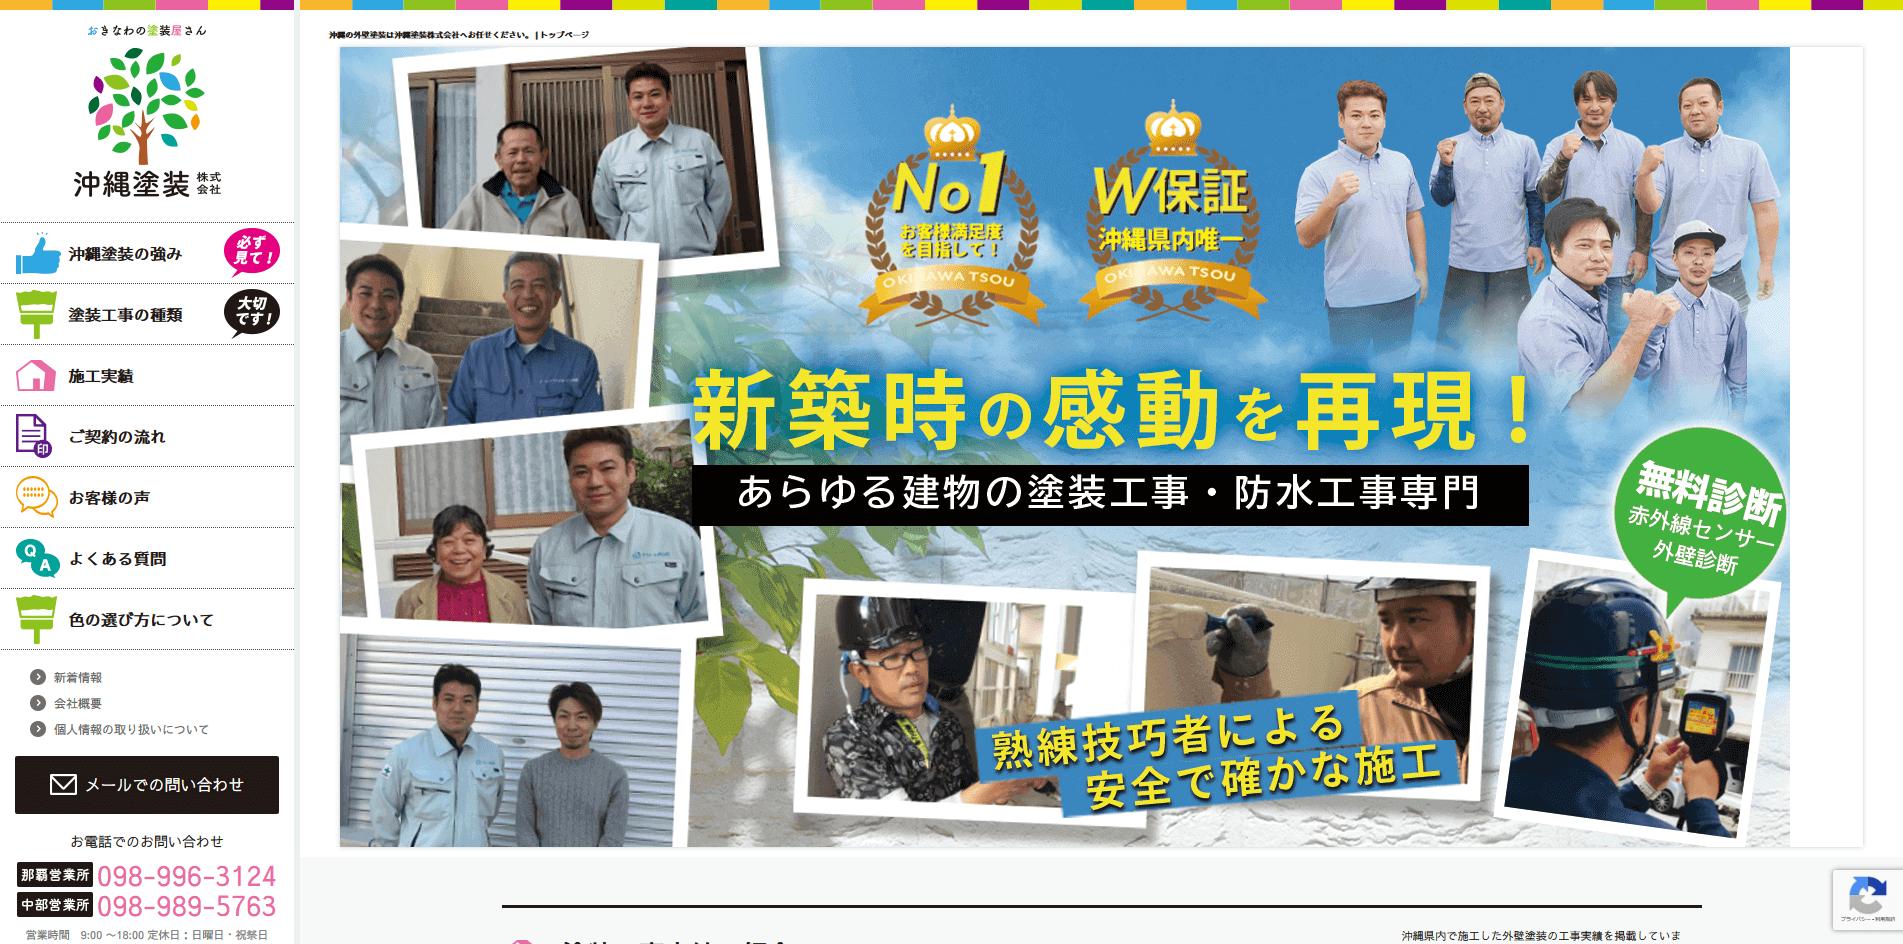 沖縄塗装株式会社の画像1